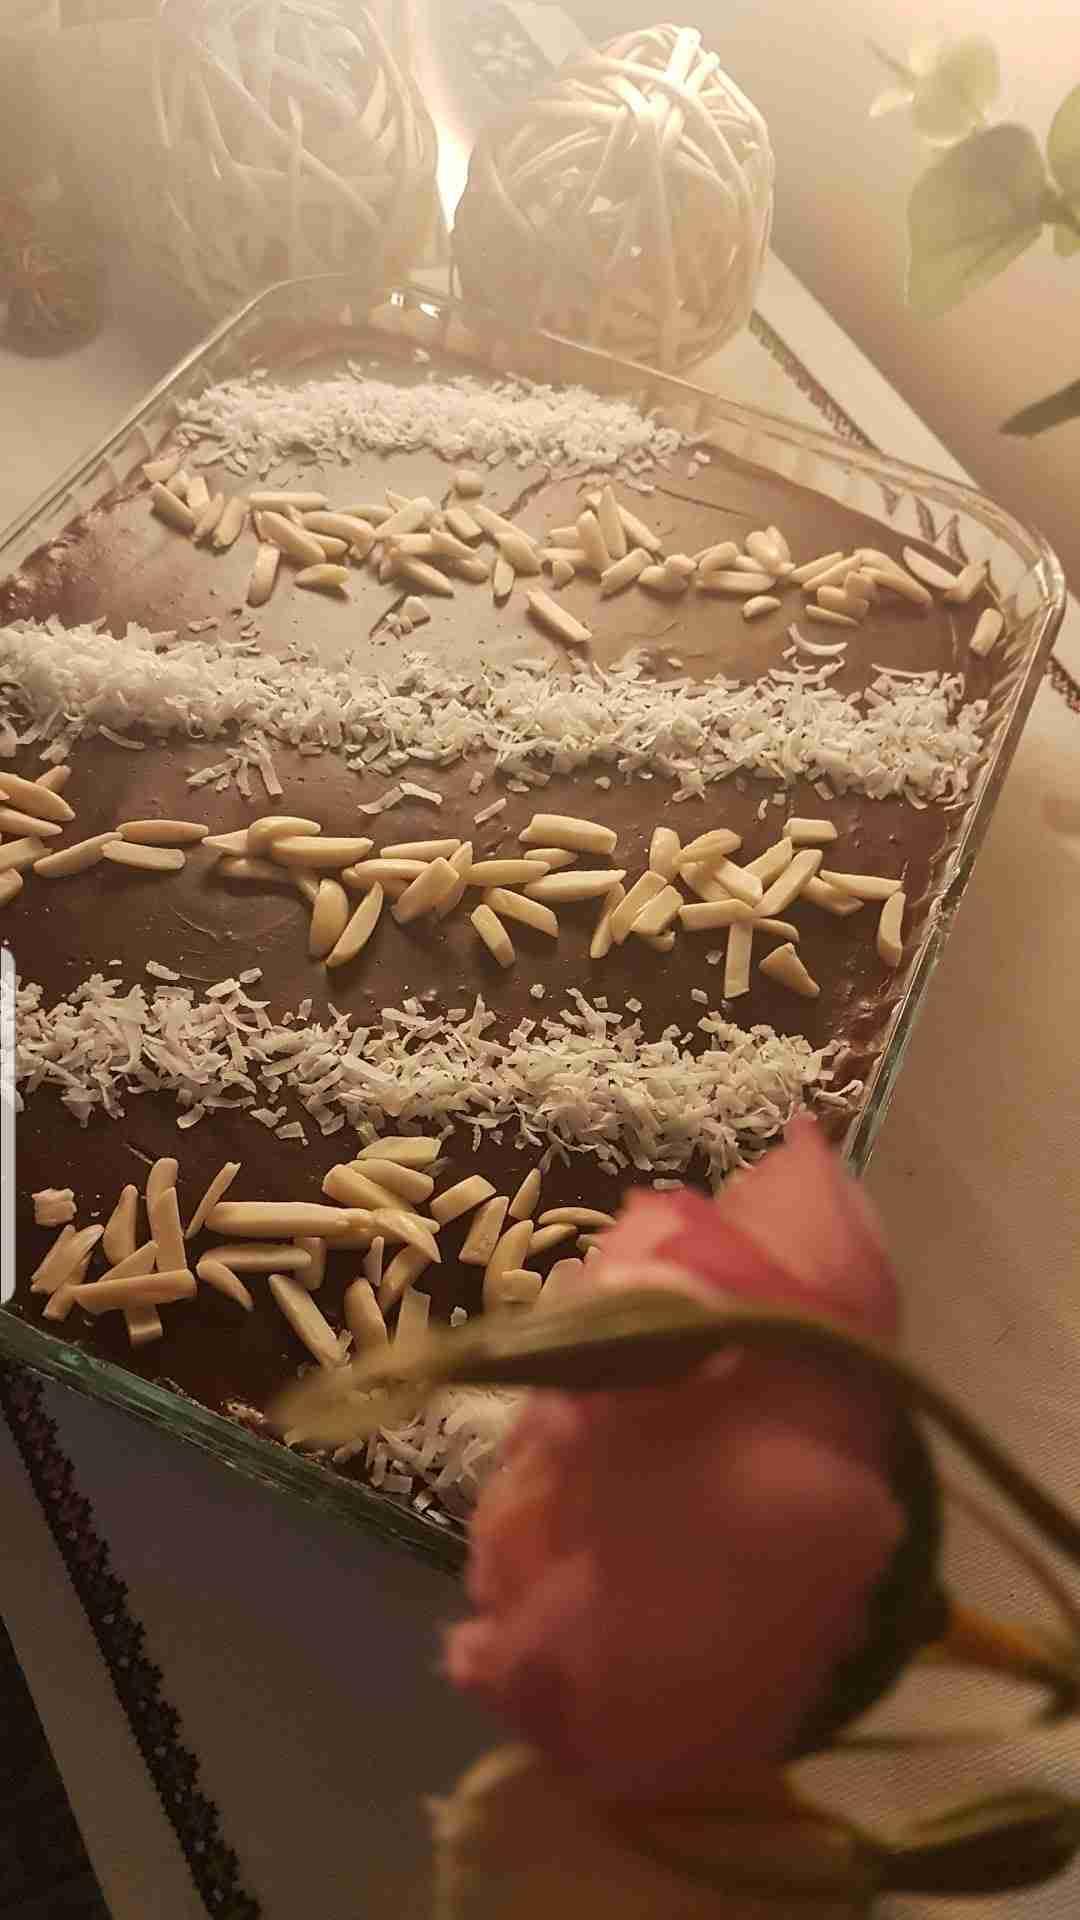 مسابقه ملكه الحلويات البارده حلى البفاريا